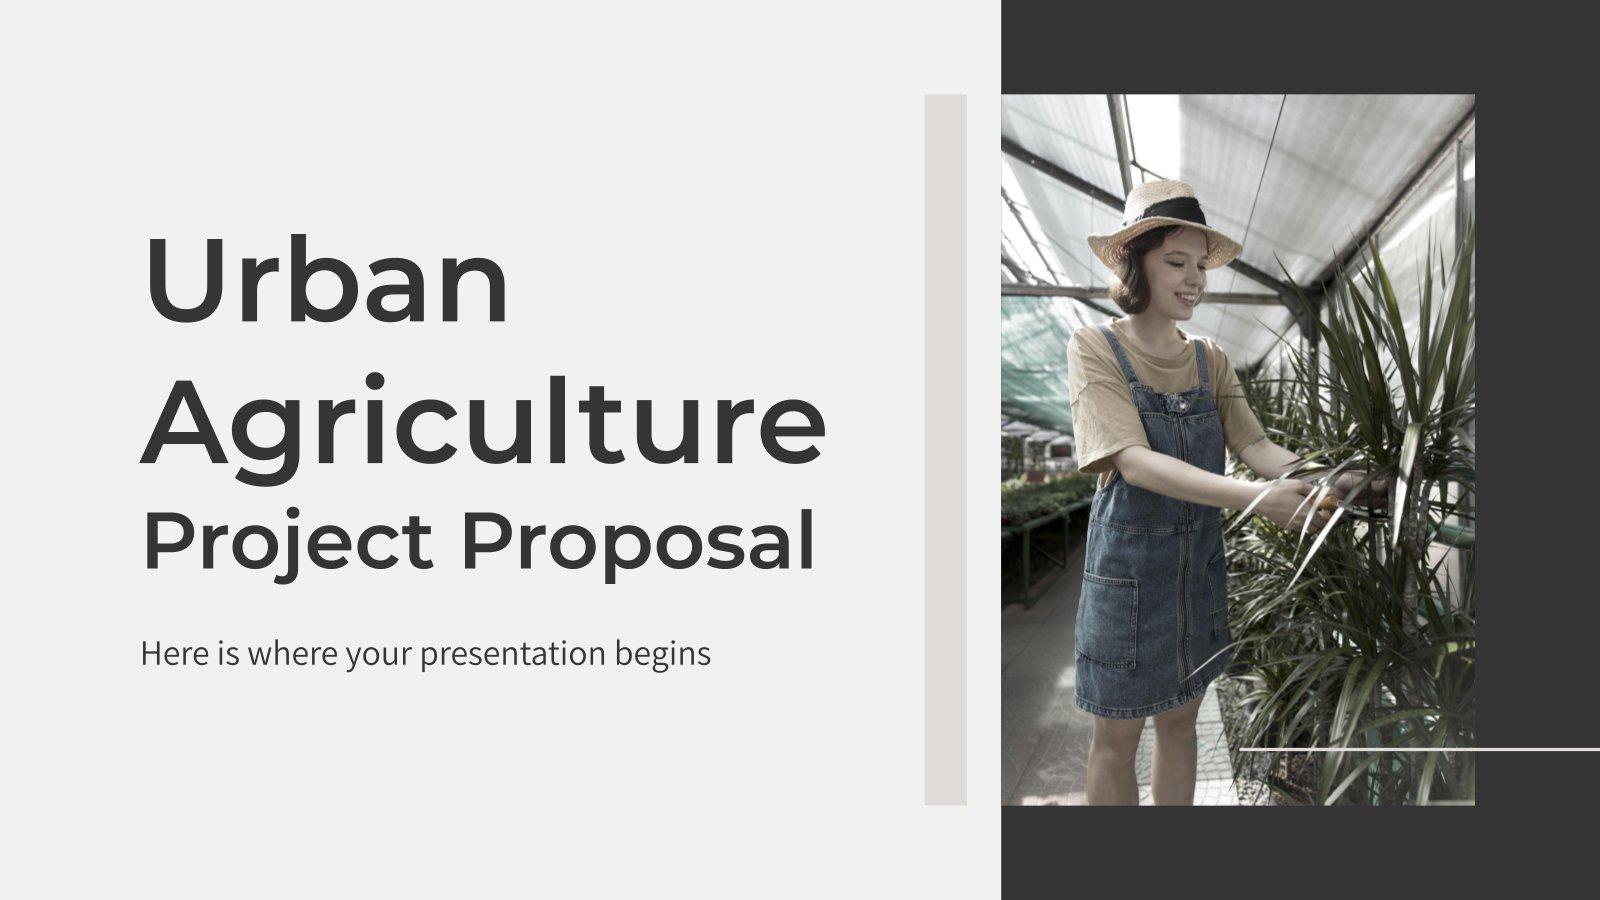 Proposition de projet d'agriculture urbaine : Modèles de présentation